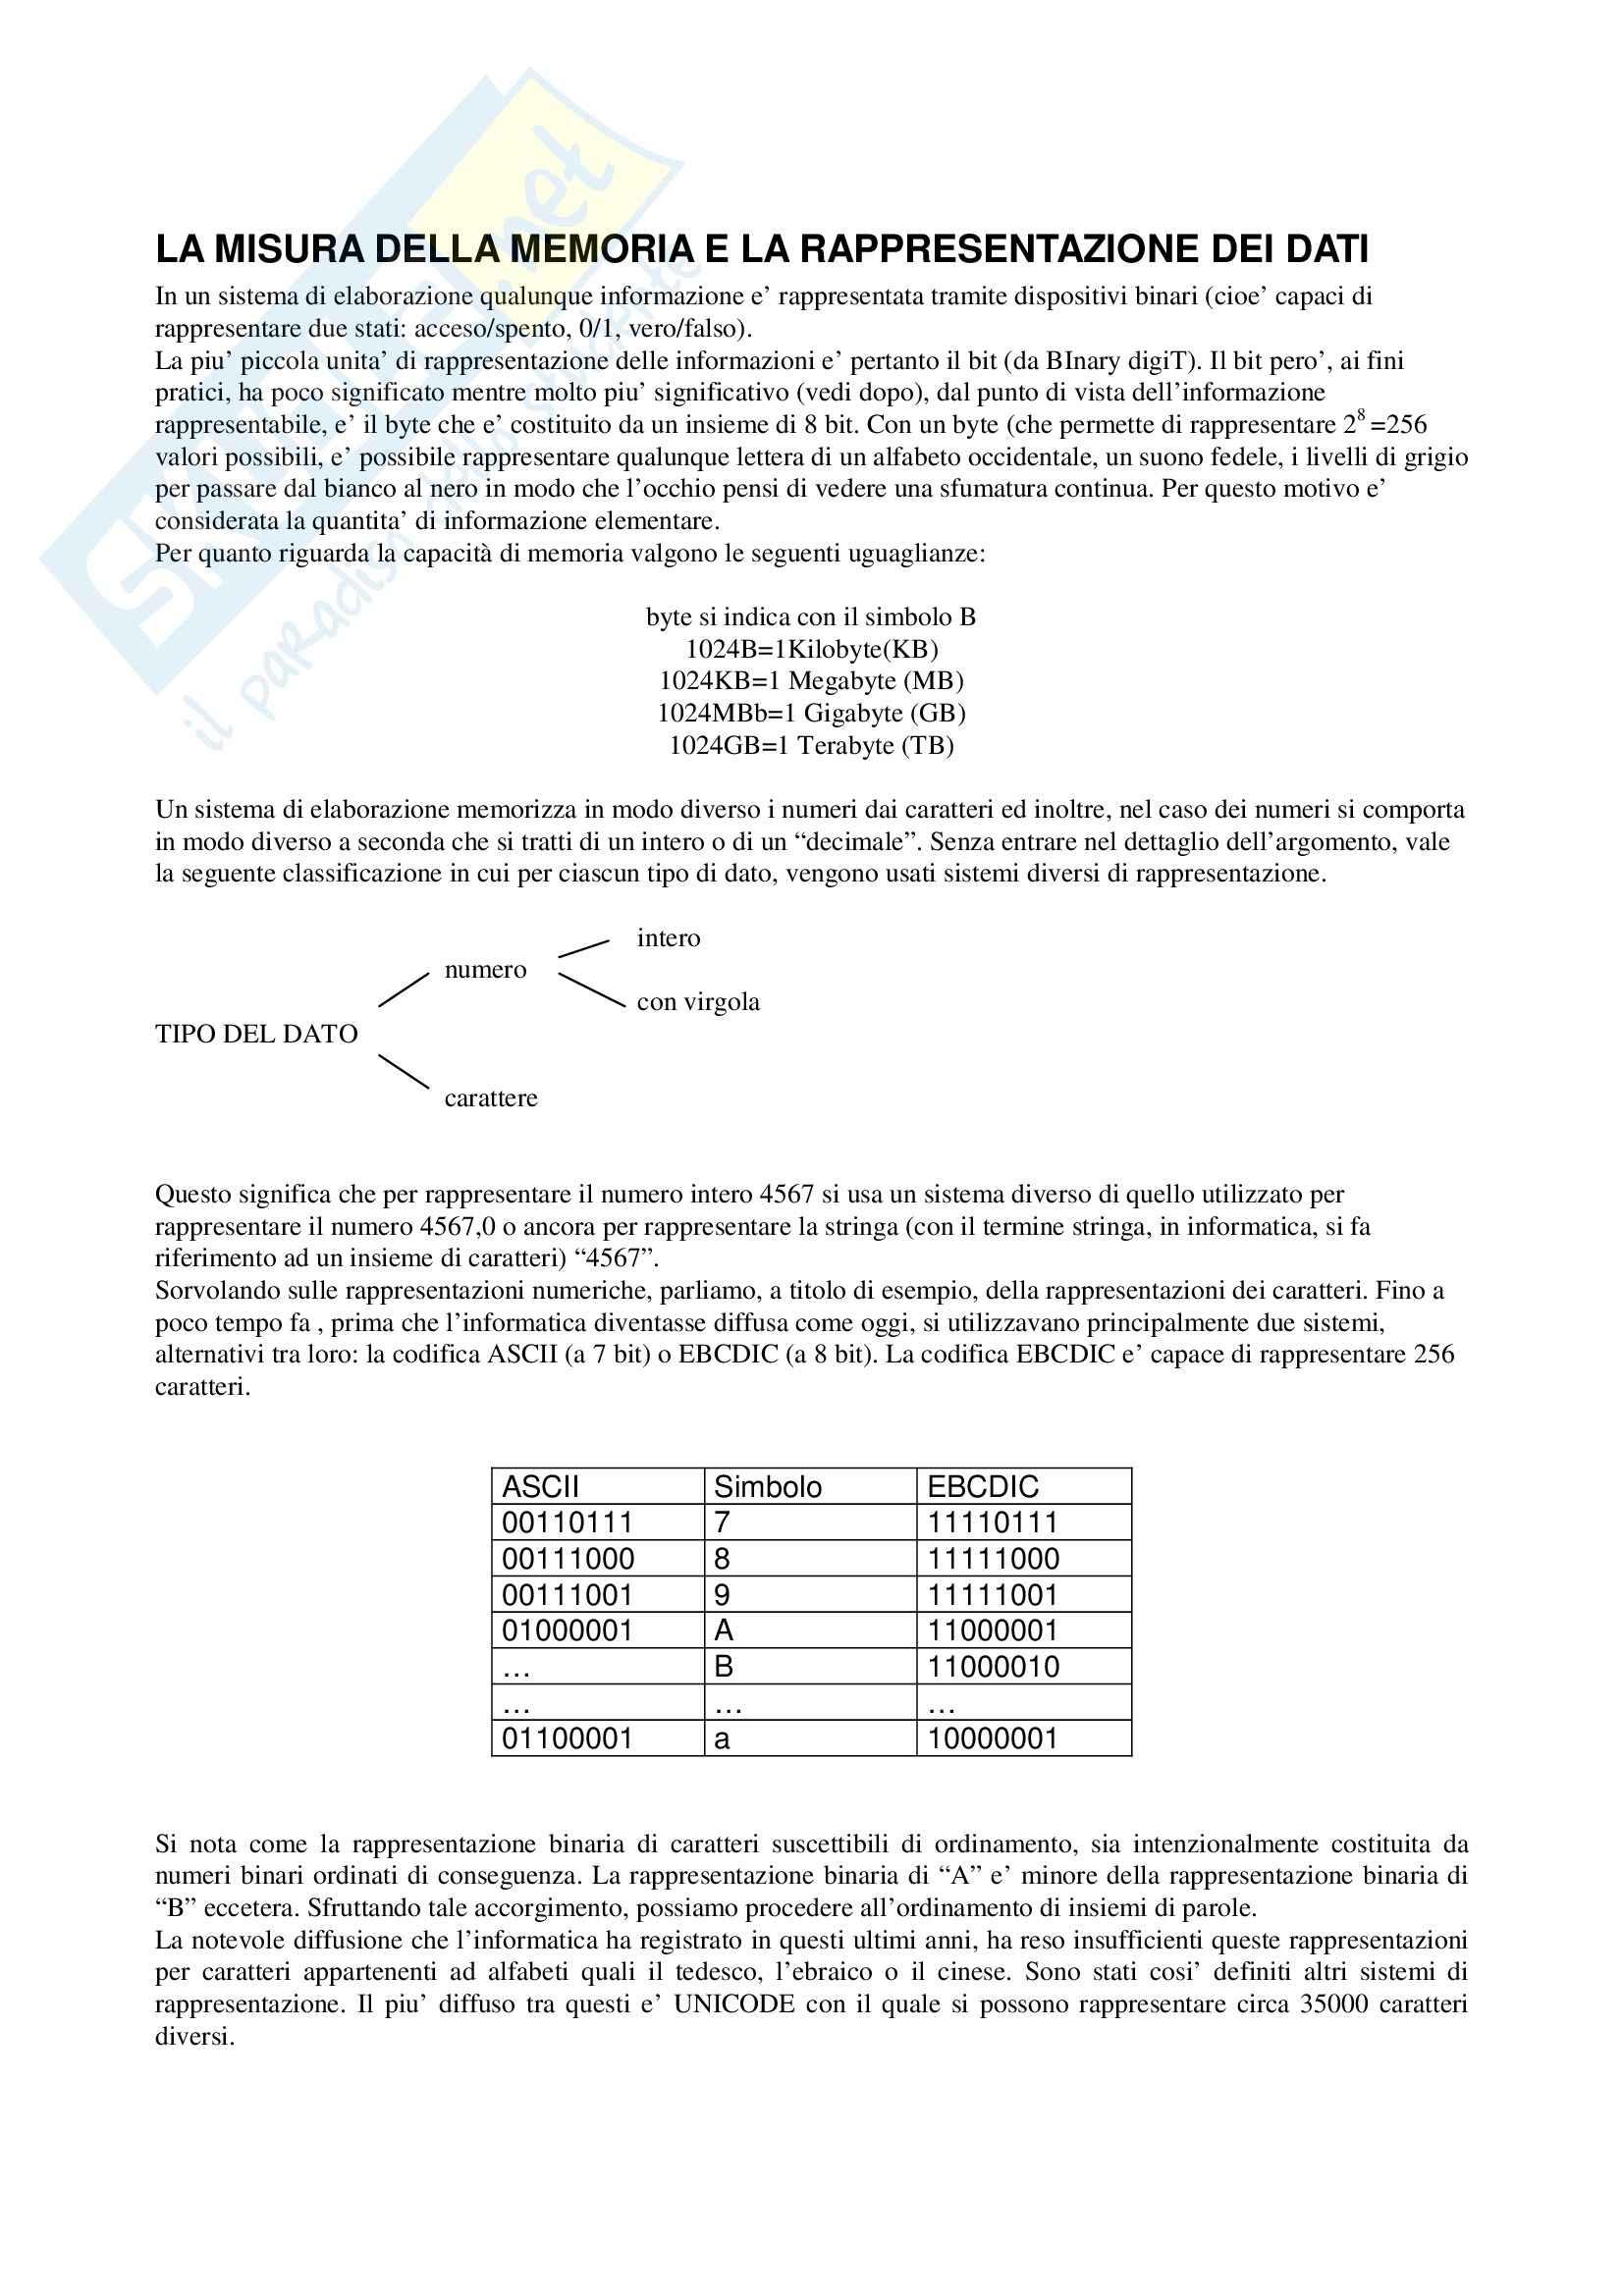 Informatica - la misura della memoria